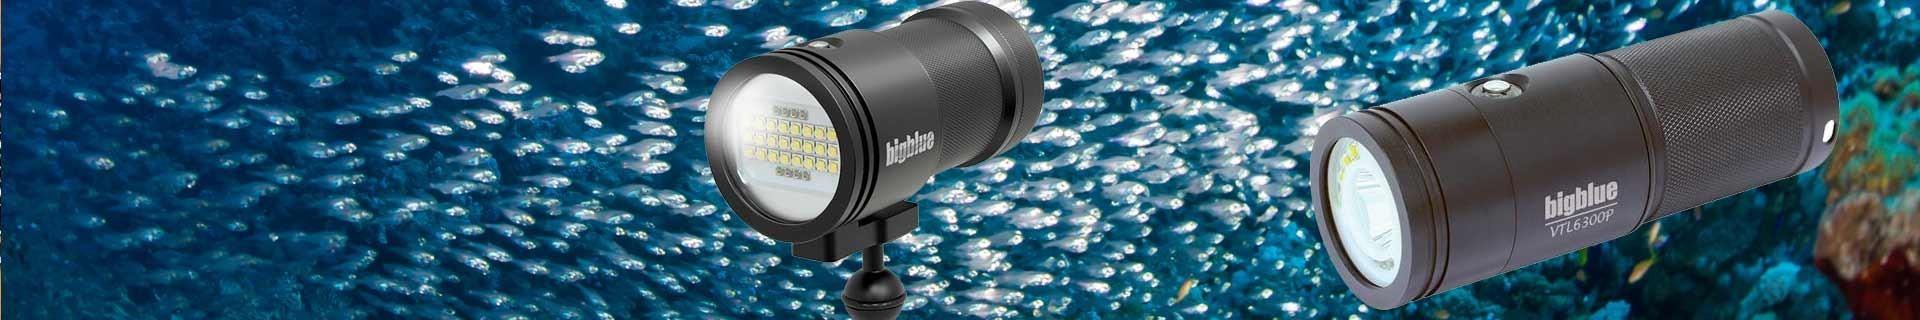 Eclairages, phares et lampes de plongée